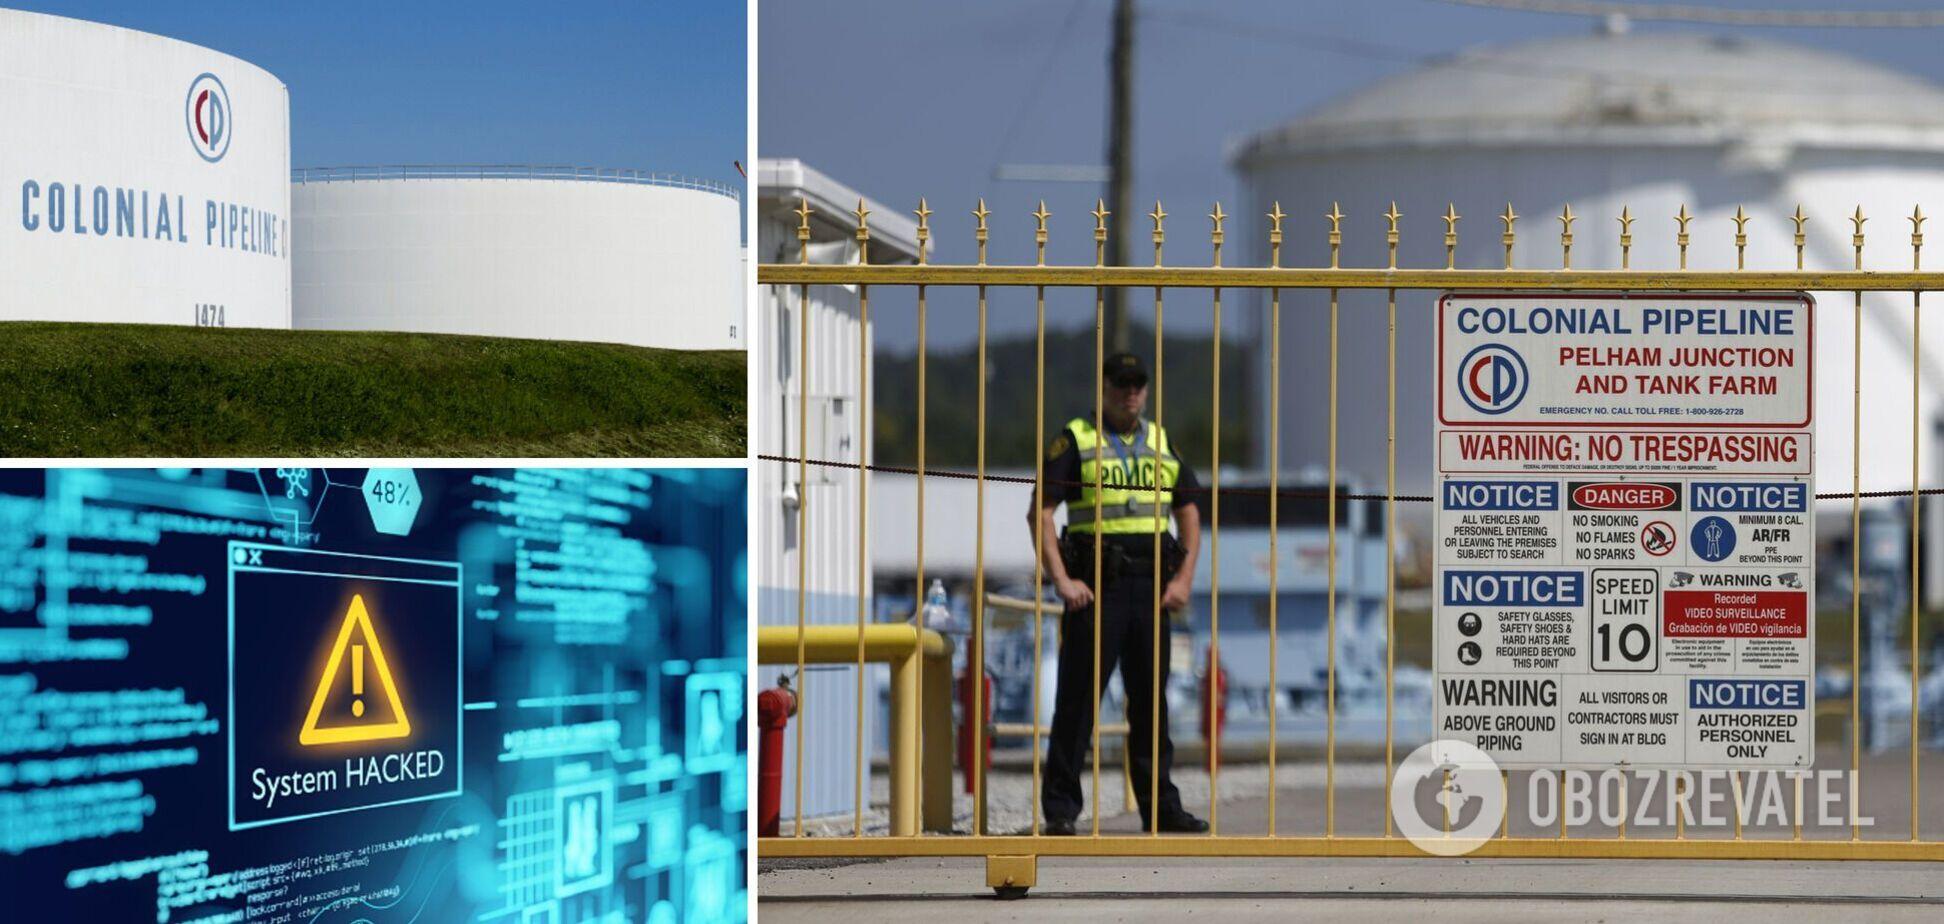 Кибератака на трубопровод в США: причем здесь 'русский след' и какие последствия